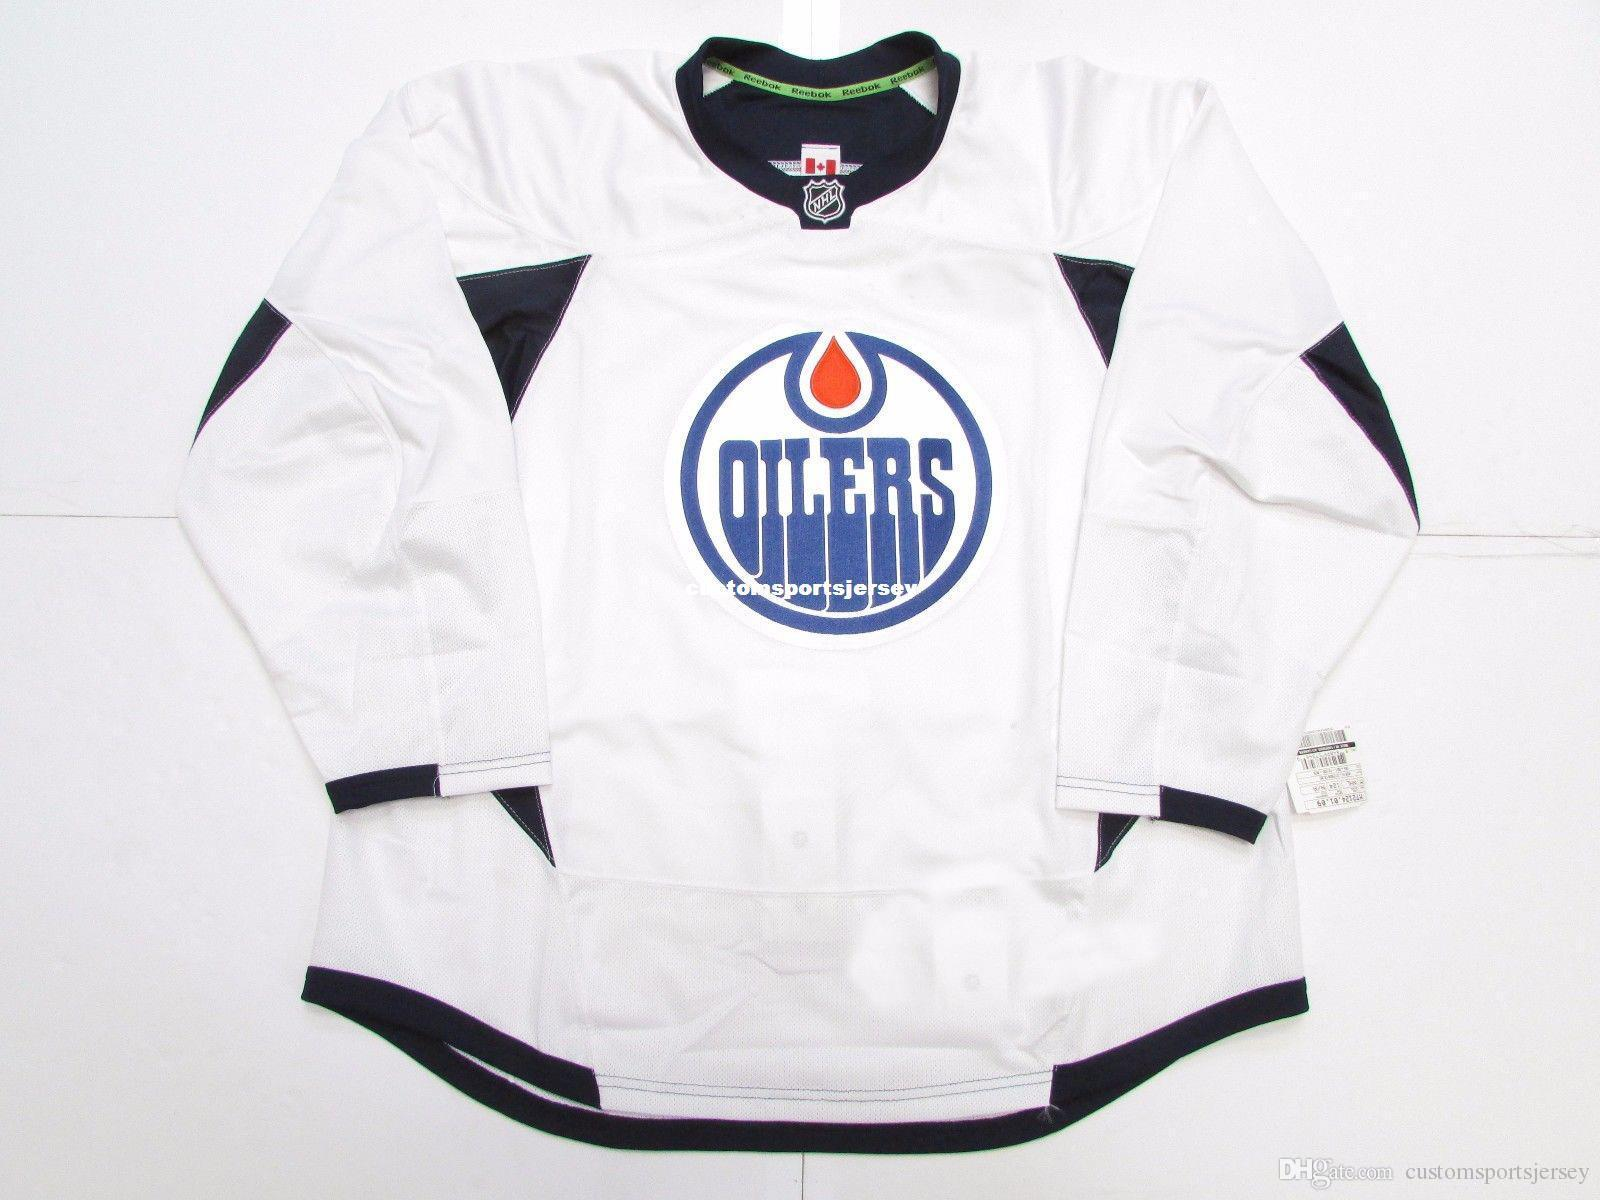 Günstige individuelle Edmonton Oilers WHITE EDGE PRAXIS Hockey Jersey Stich einer beliebigen Anzahl beliebigen Namen der Männer Hockey Jersey XS-5XL hinzufügen